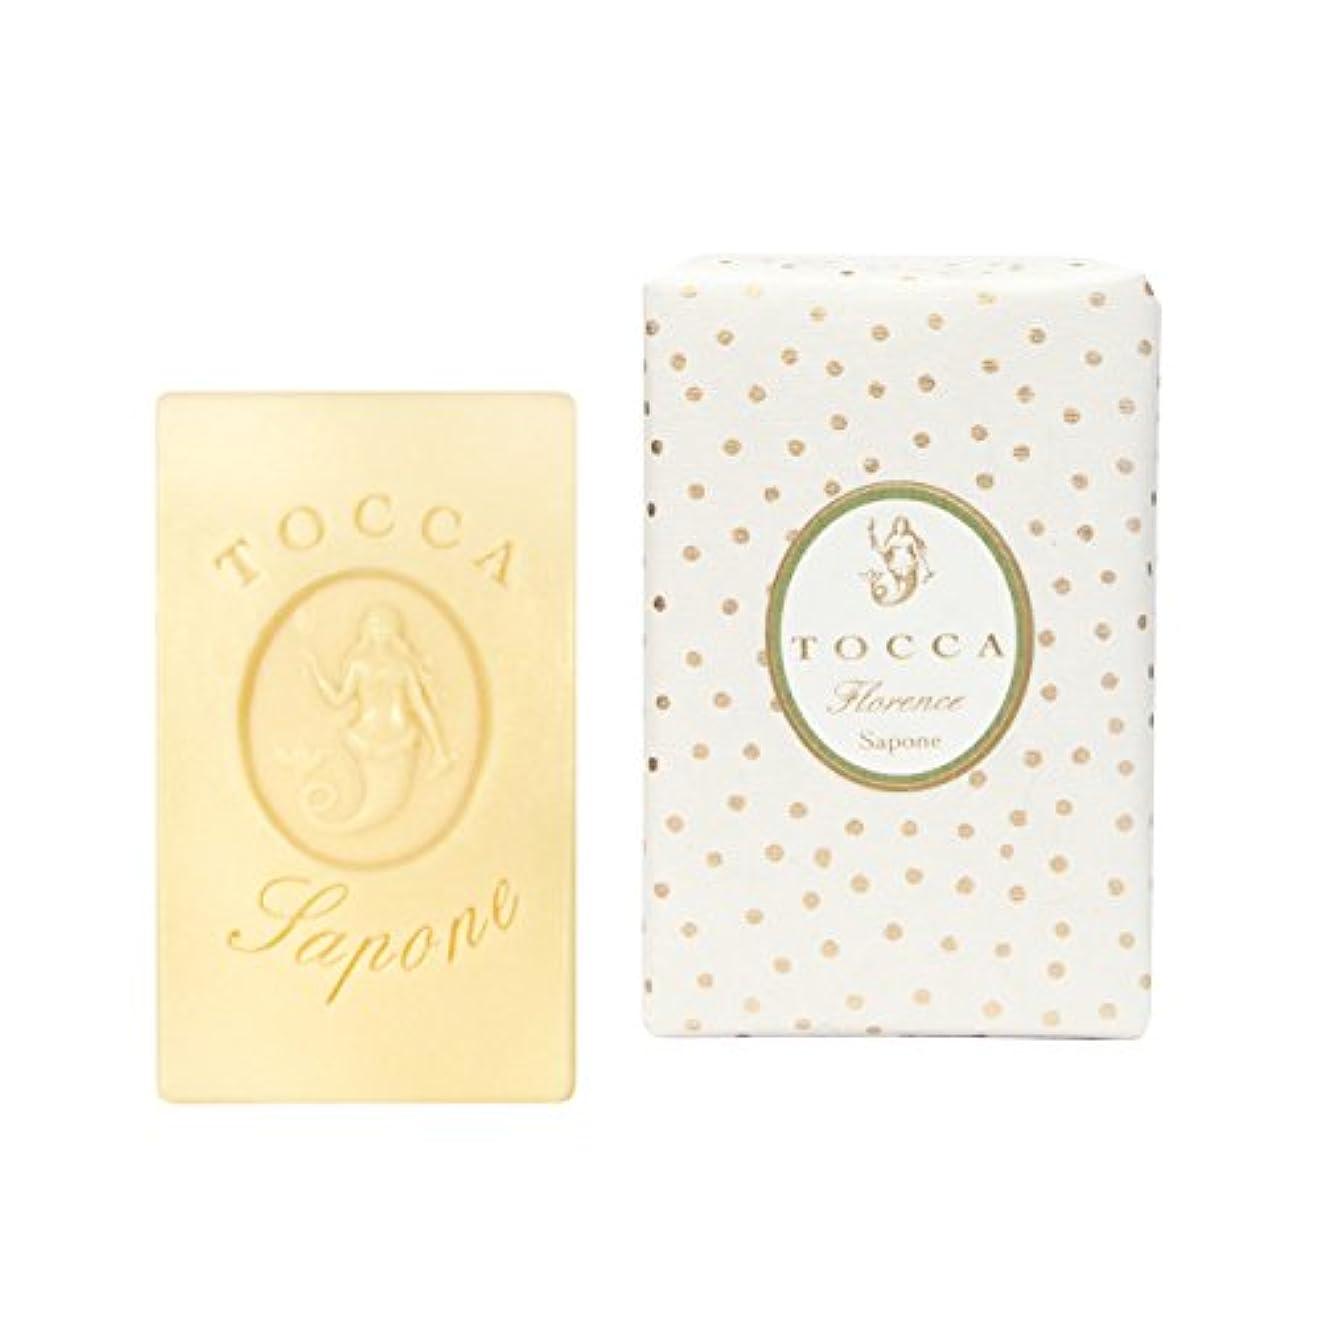 前メンテナンス本トッカ(TOCCA) ソープバーフローレンスの香り 113g(石けん 化粧石けん ガーデニアとベルガモットが誘うように溶け合うどこまでも上品なフローラルの香り)